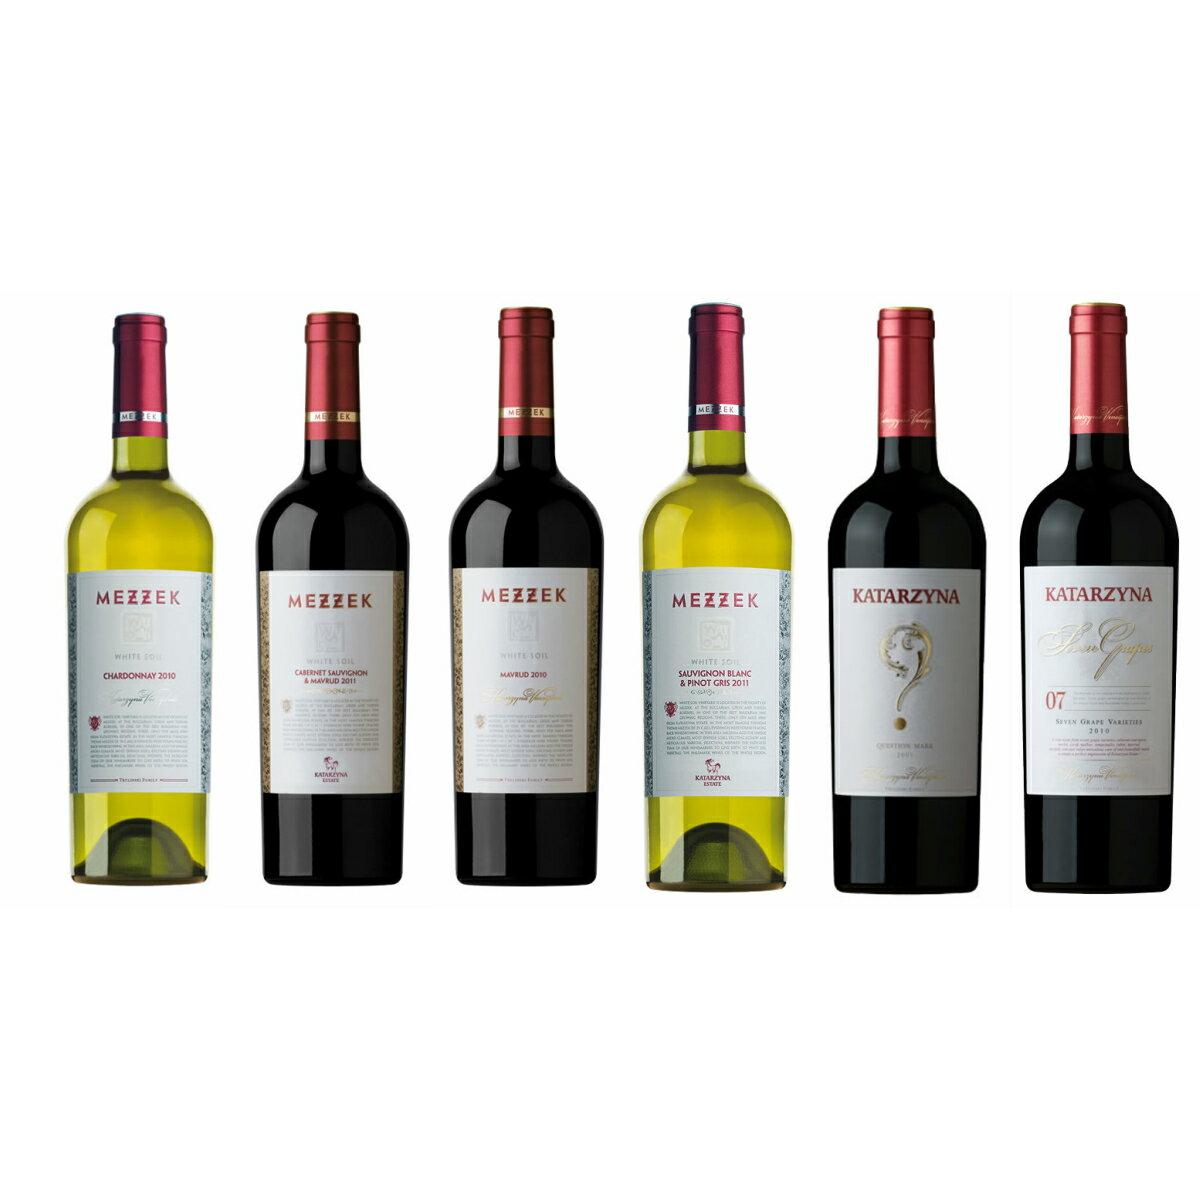 【送料無料】最高峰ブルガリアワイン 珠玉の赤・白 6本セット★ ワイン/セット/赤白ワイン/ブルガリアワイン/ブルガリア産/フルボディ/750ml/赤ワイン/白ワイン/アソート/ヨーロッパワイン